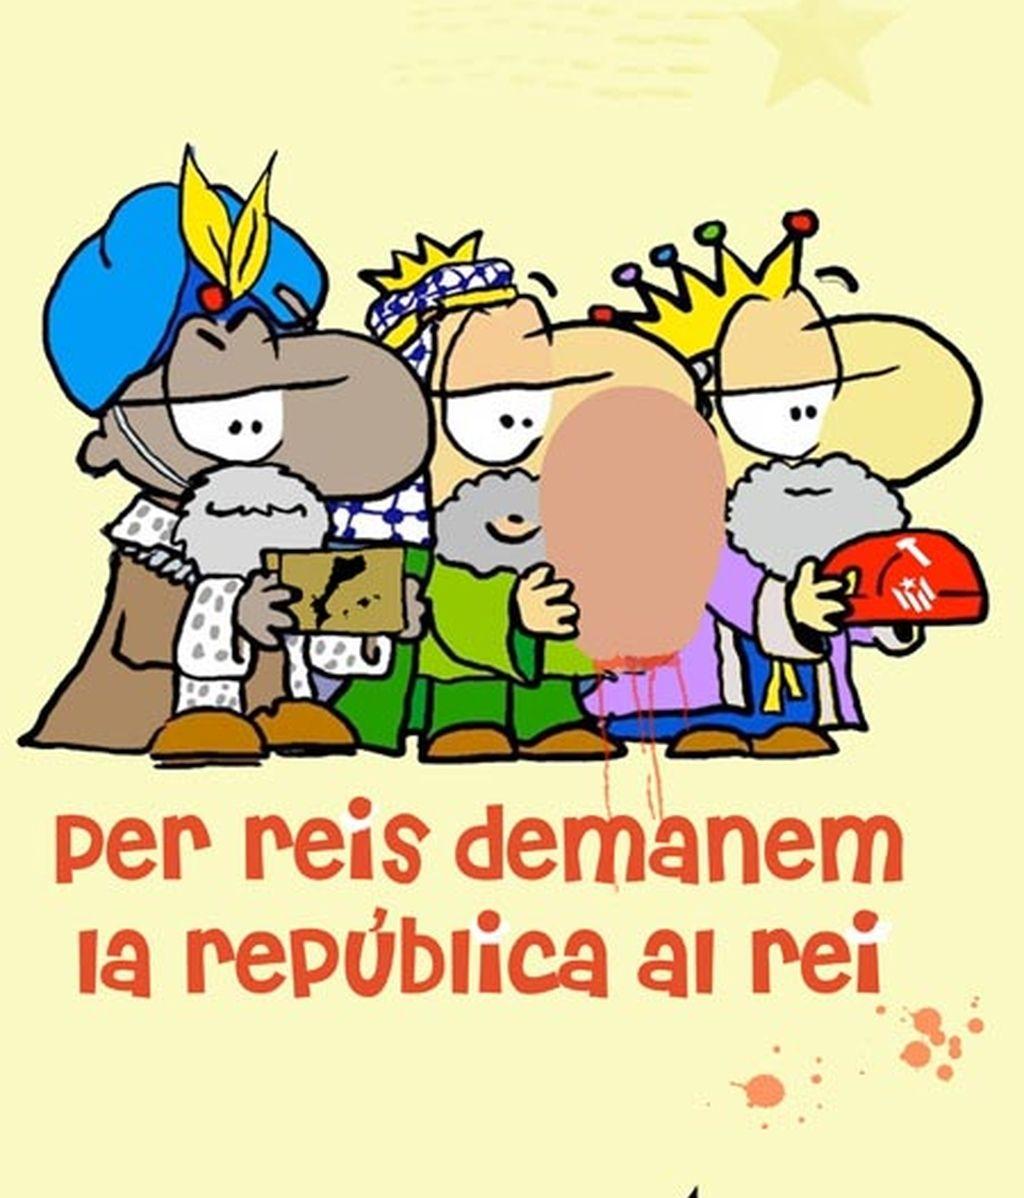 Las juventudes de ERC 'ahorcan' al Rey